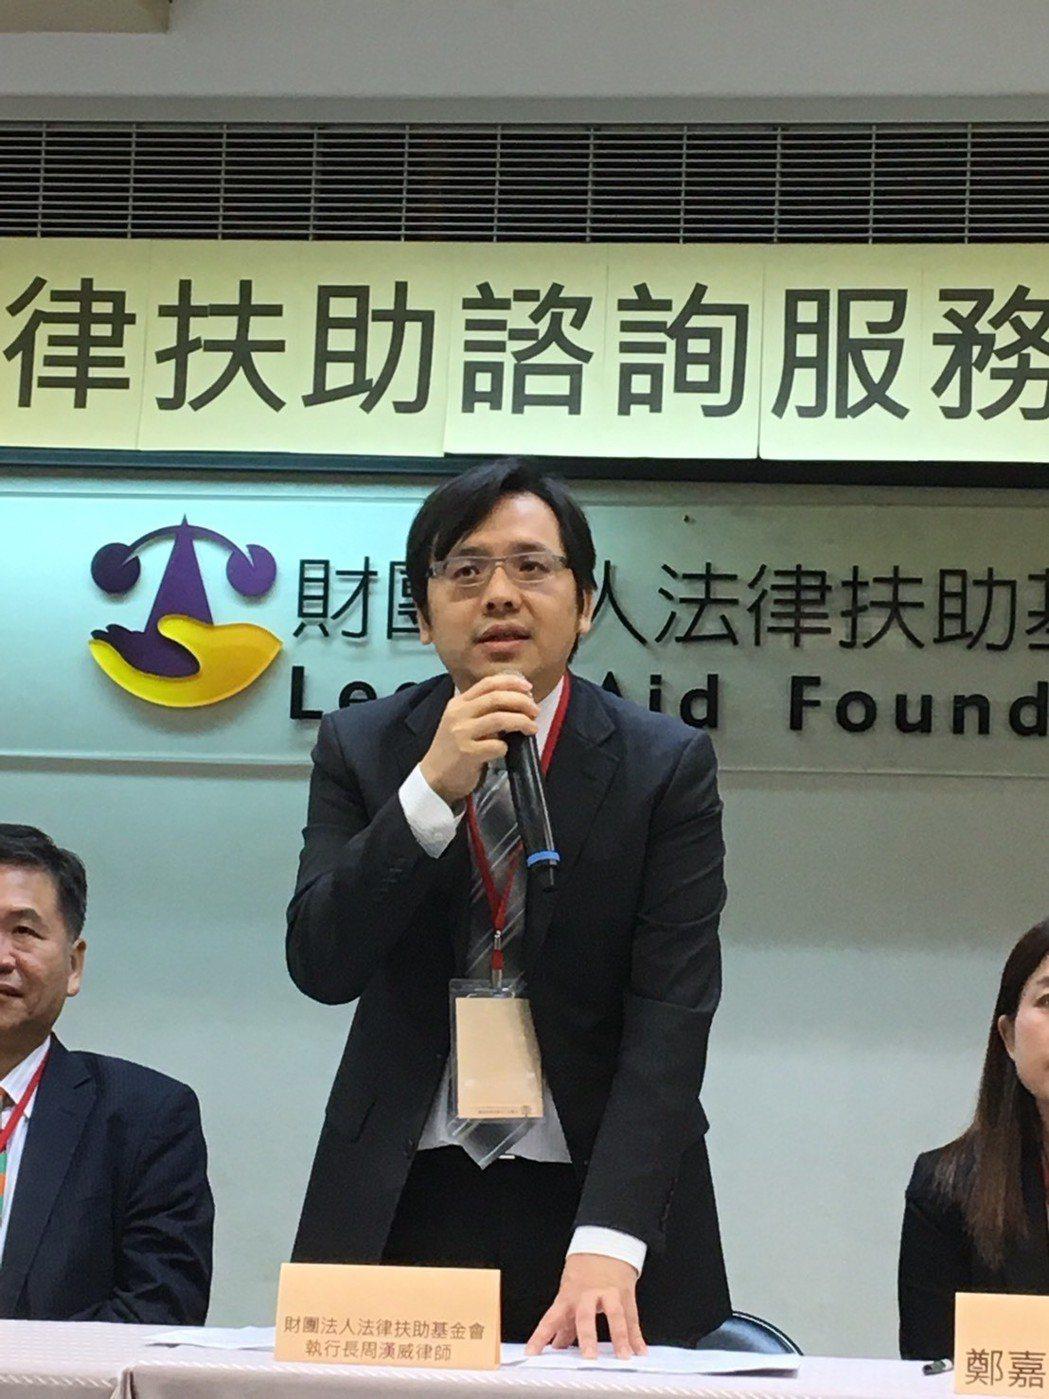 法律扶助基金會執行長周漢威。記者林孟潔/攝影